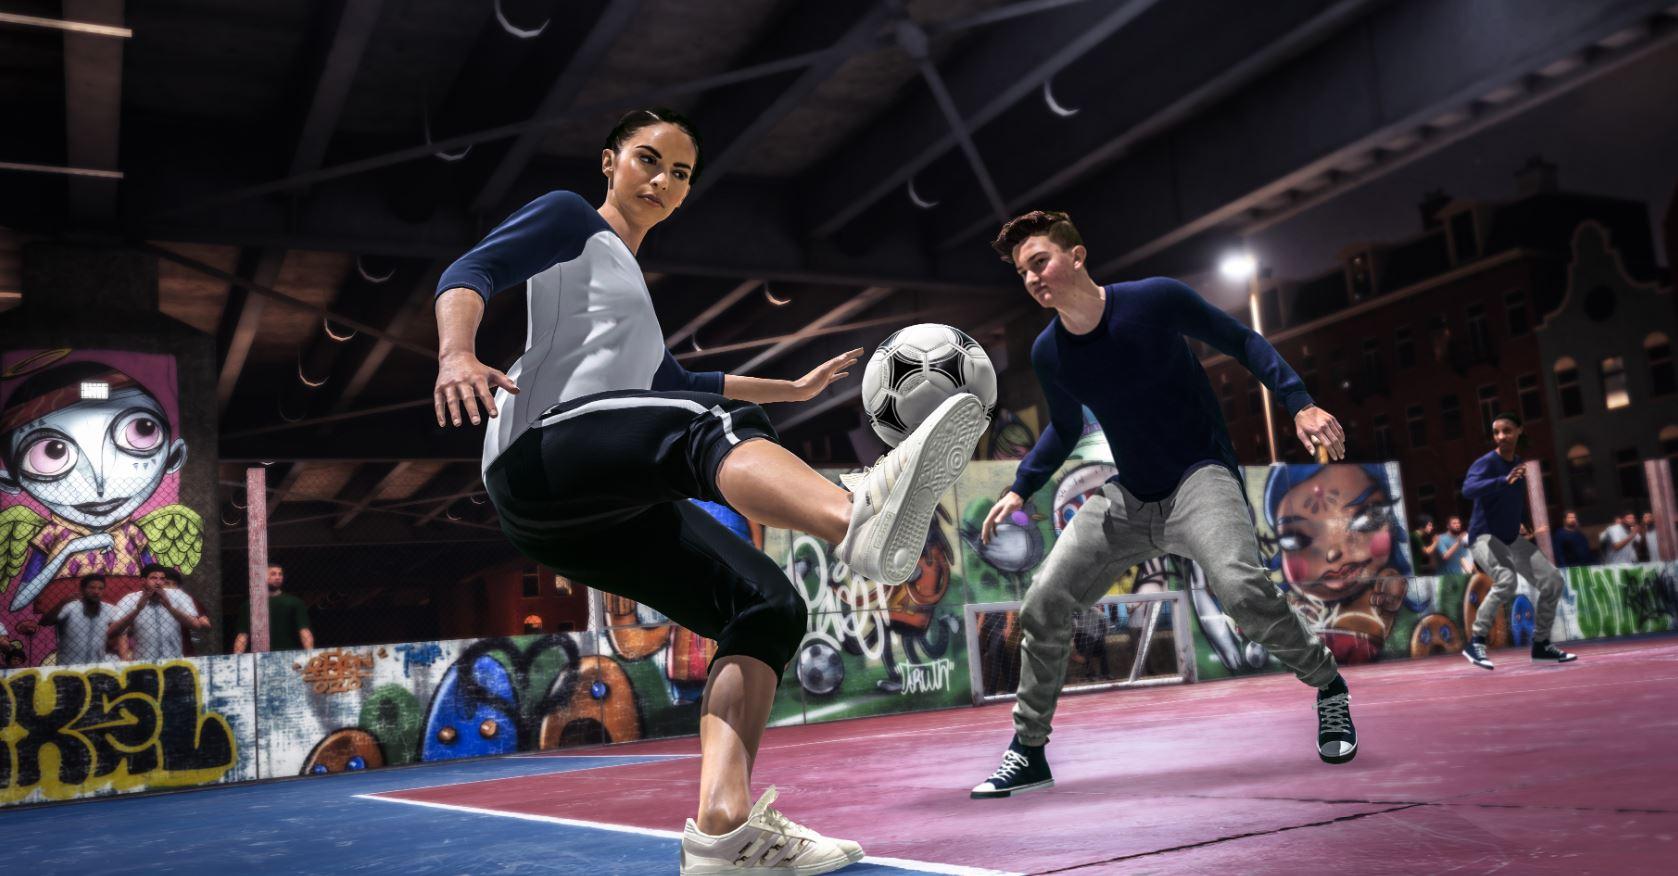 مراجعة FIFA 20: طرق جديدة للعب تجعل FIFA الحزمة الكاملة 2